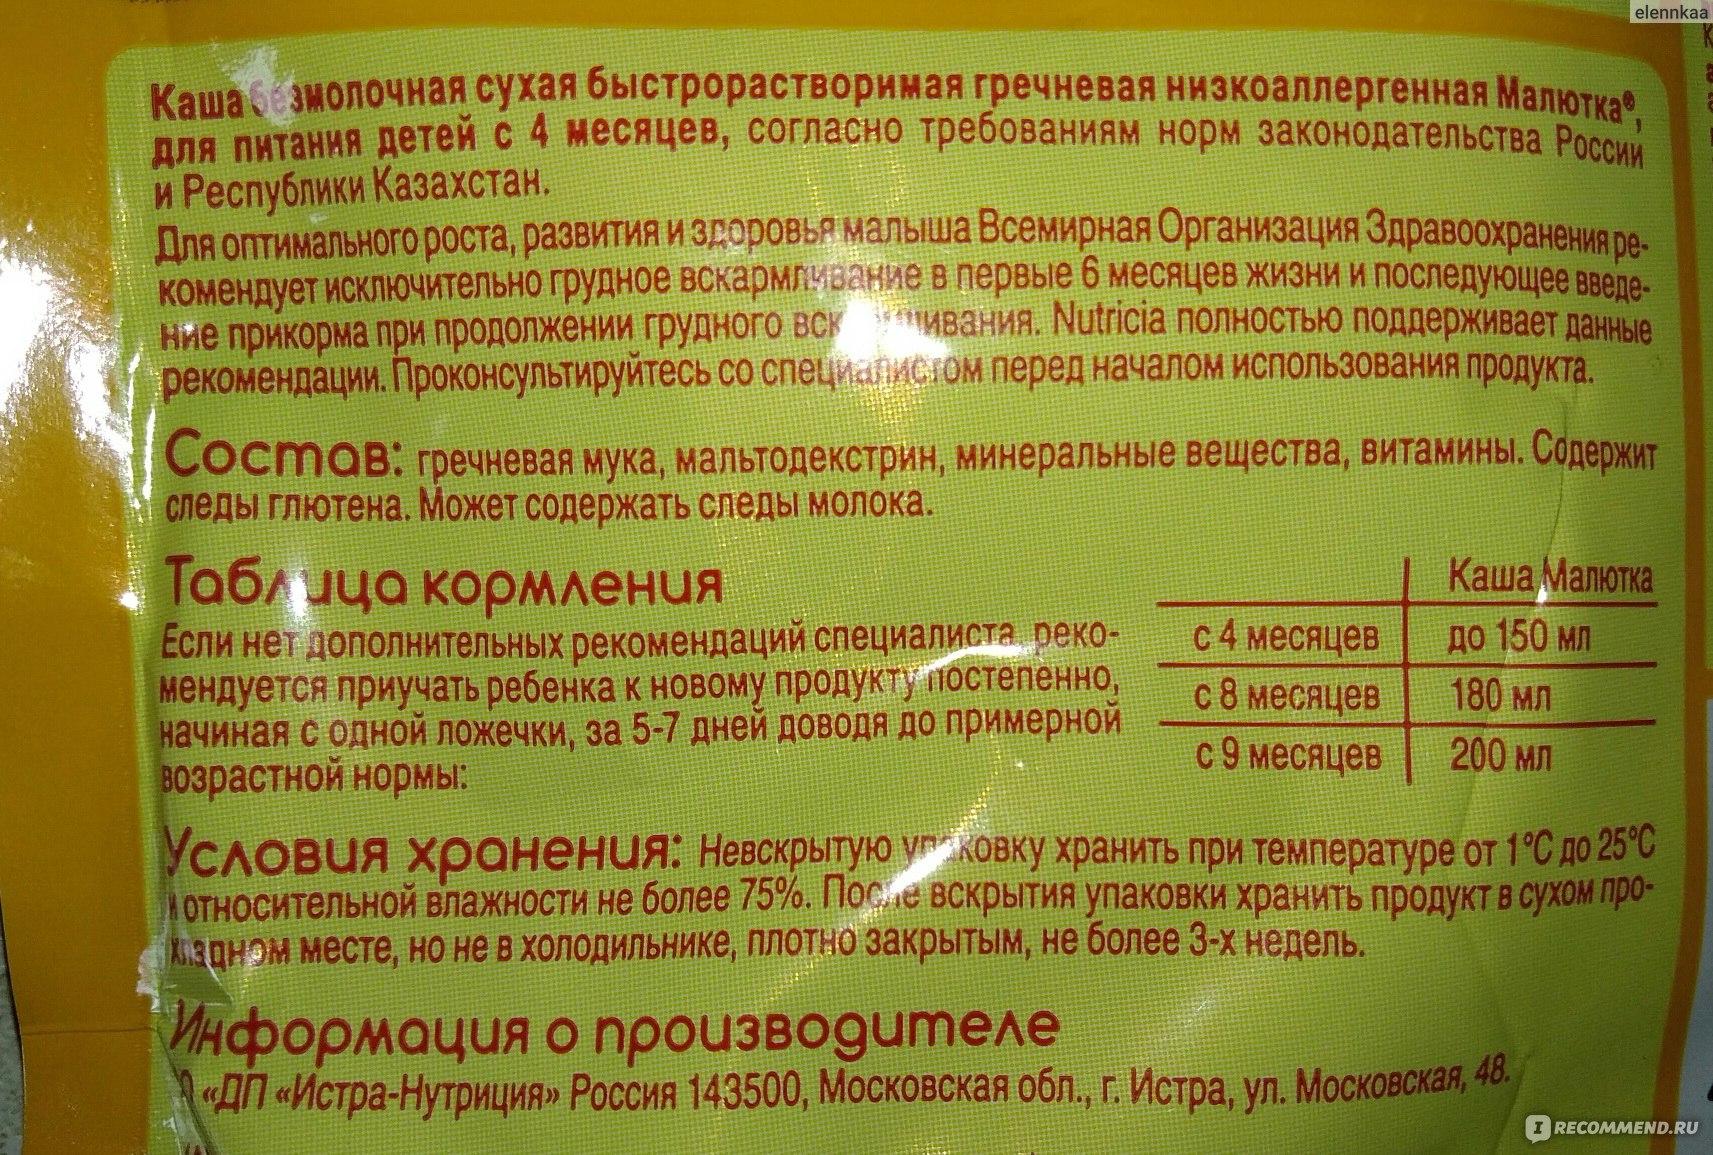 Состав продуктов: польза и вред мальтодекстрина